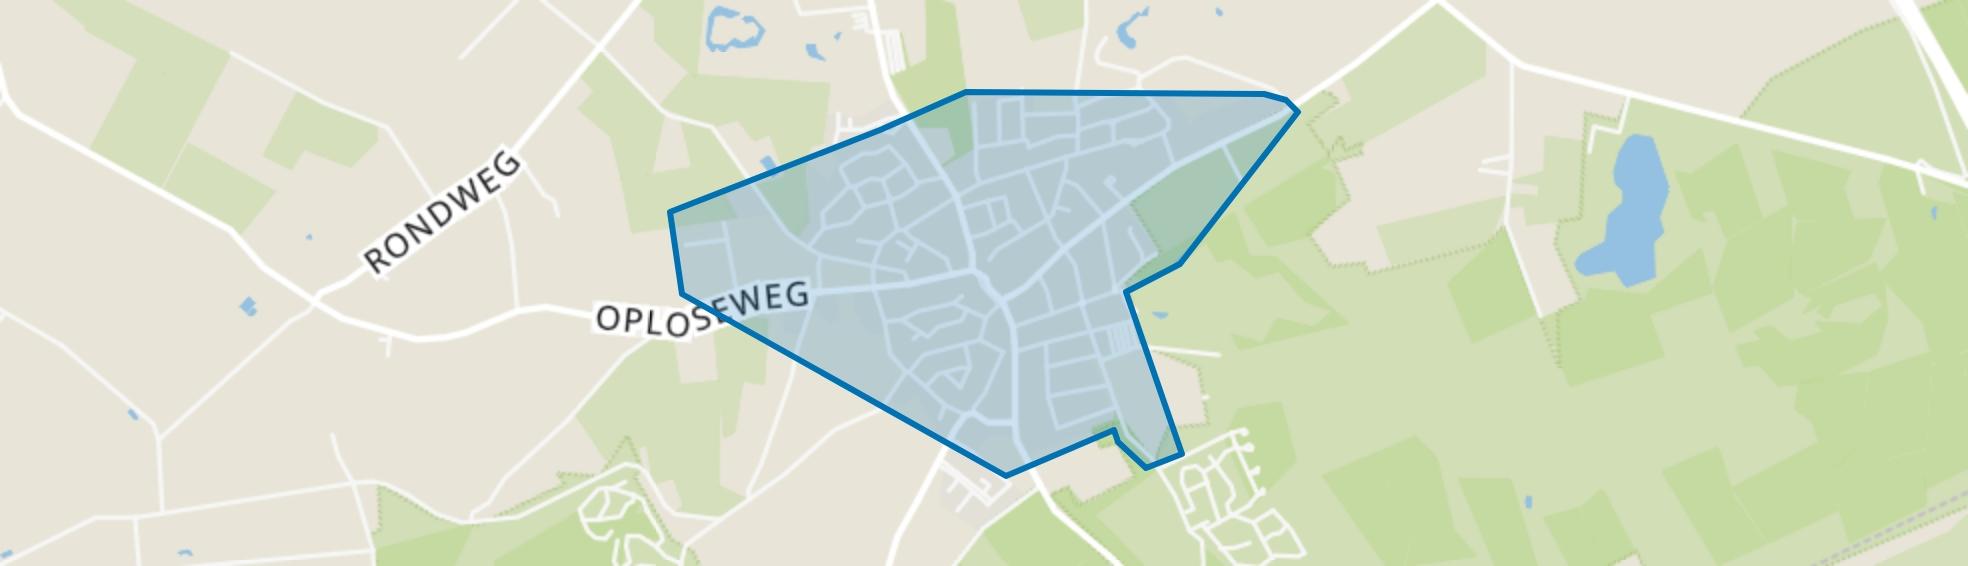 Overloon Centrum, Overloon map